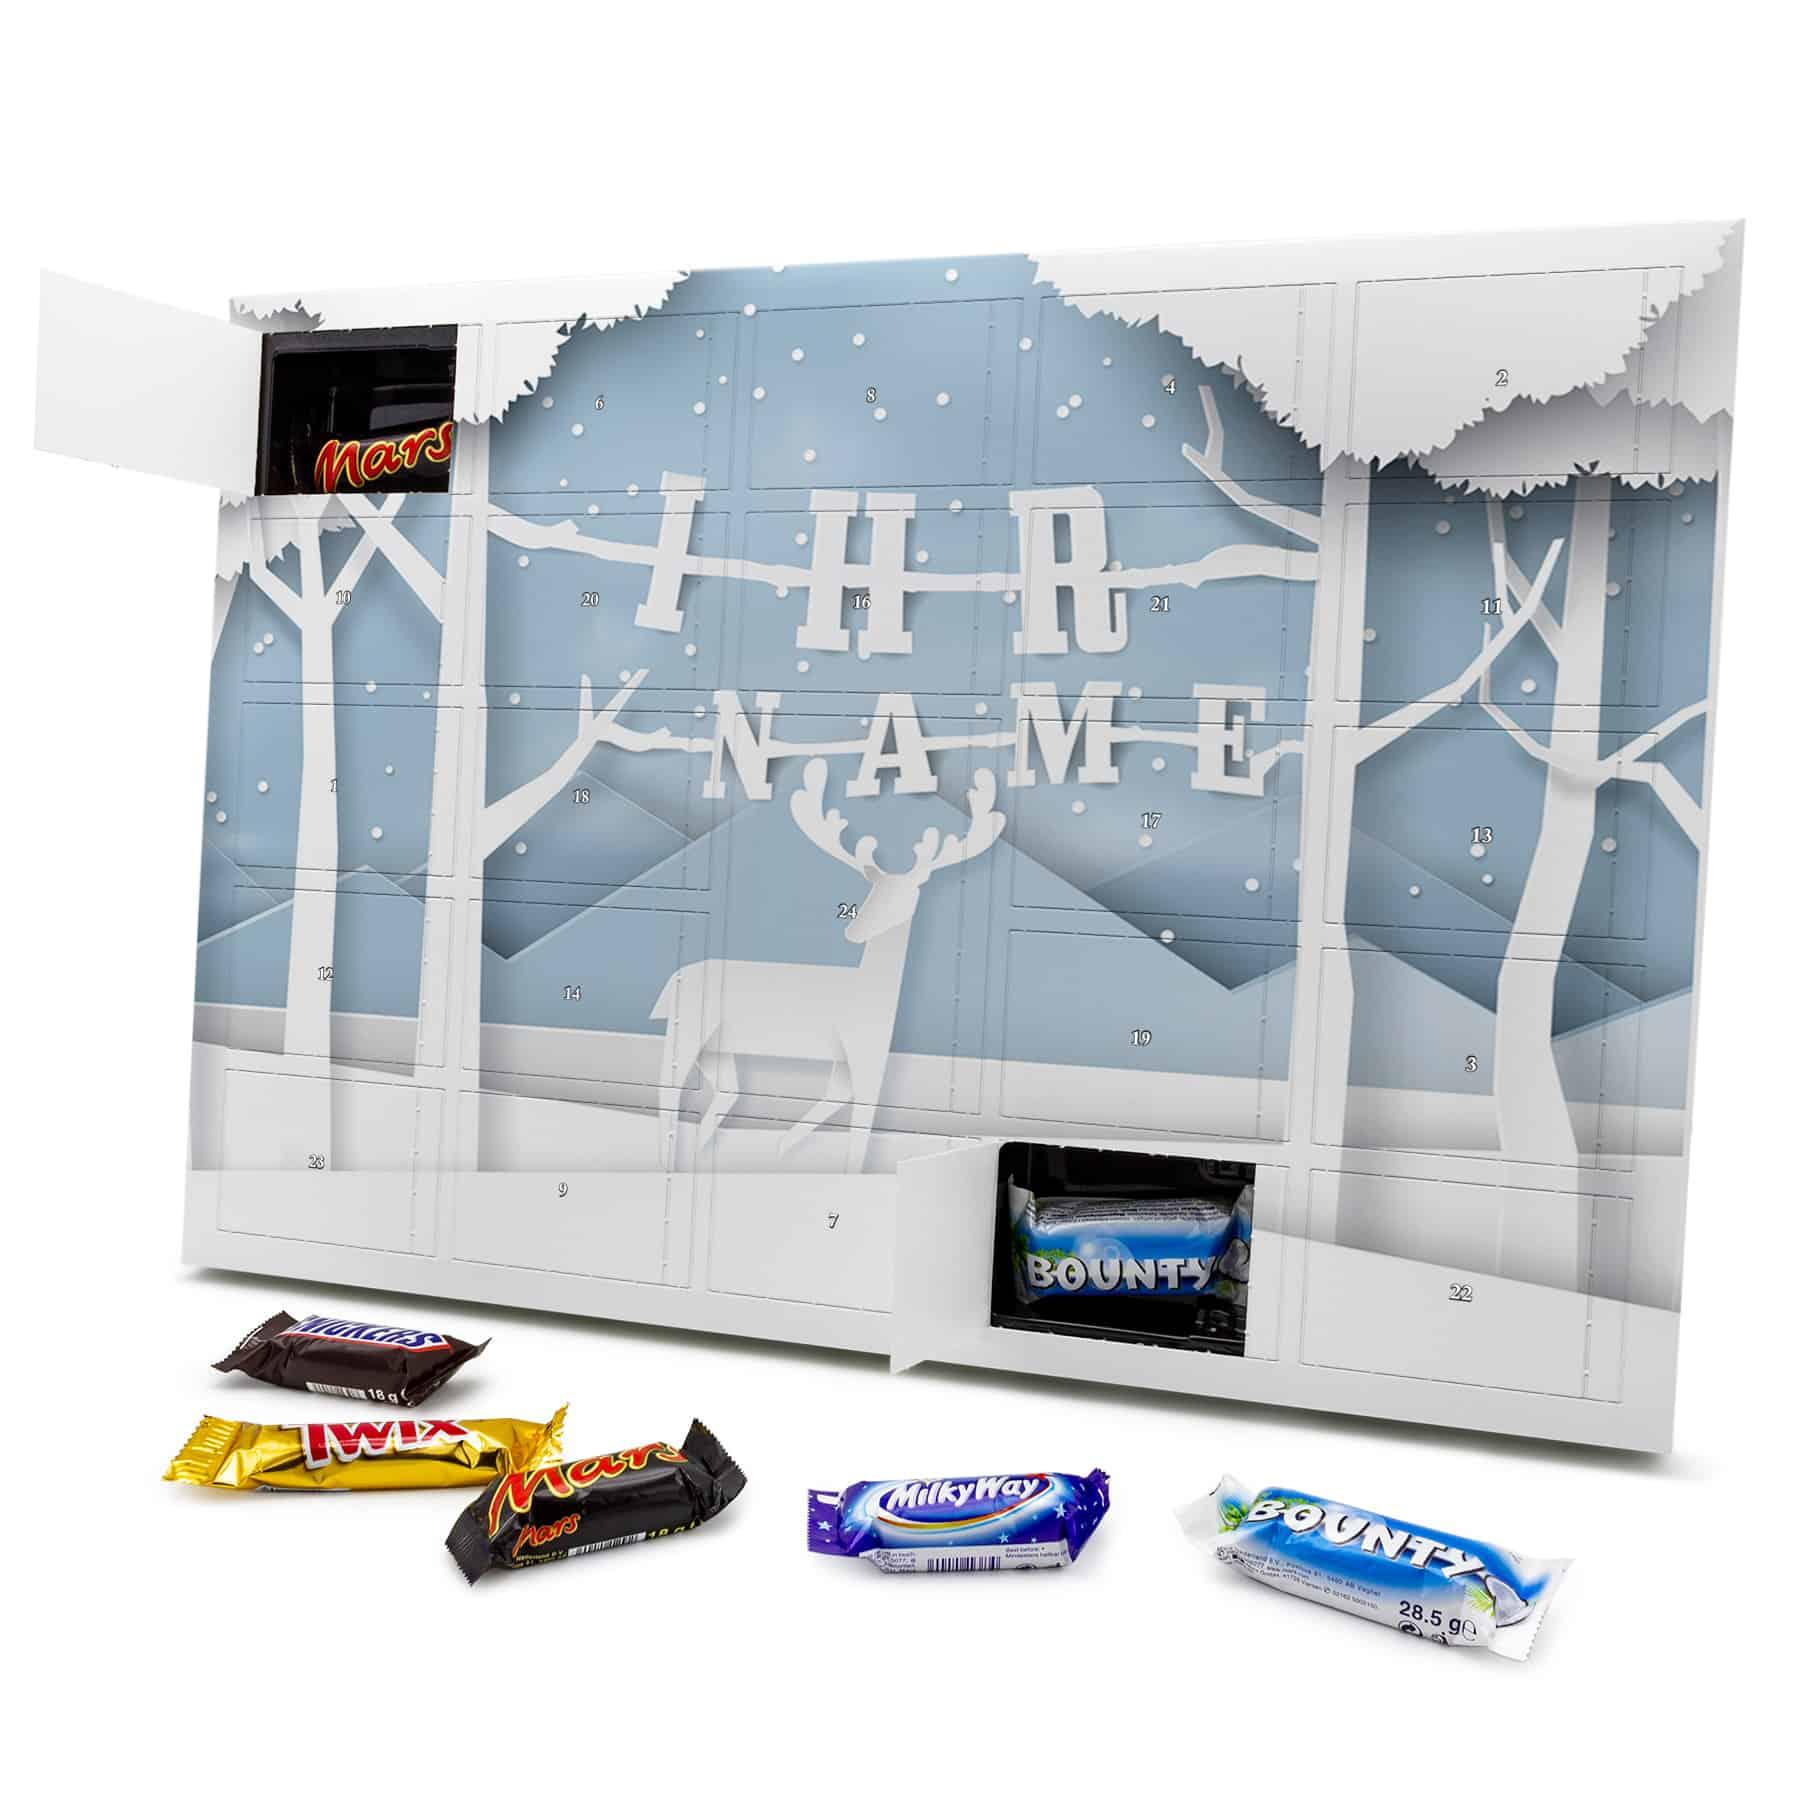 Mixed-Minis-Adventskalender-2824-1_1